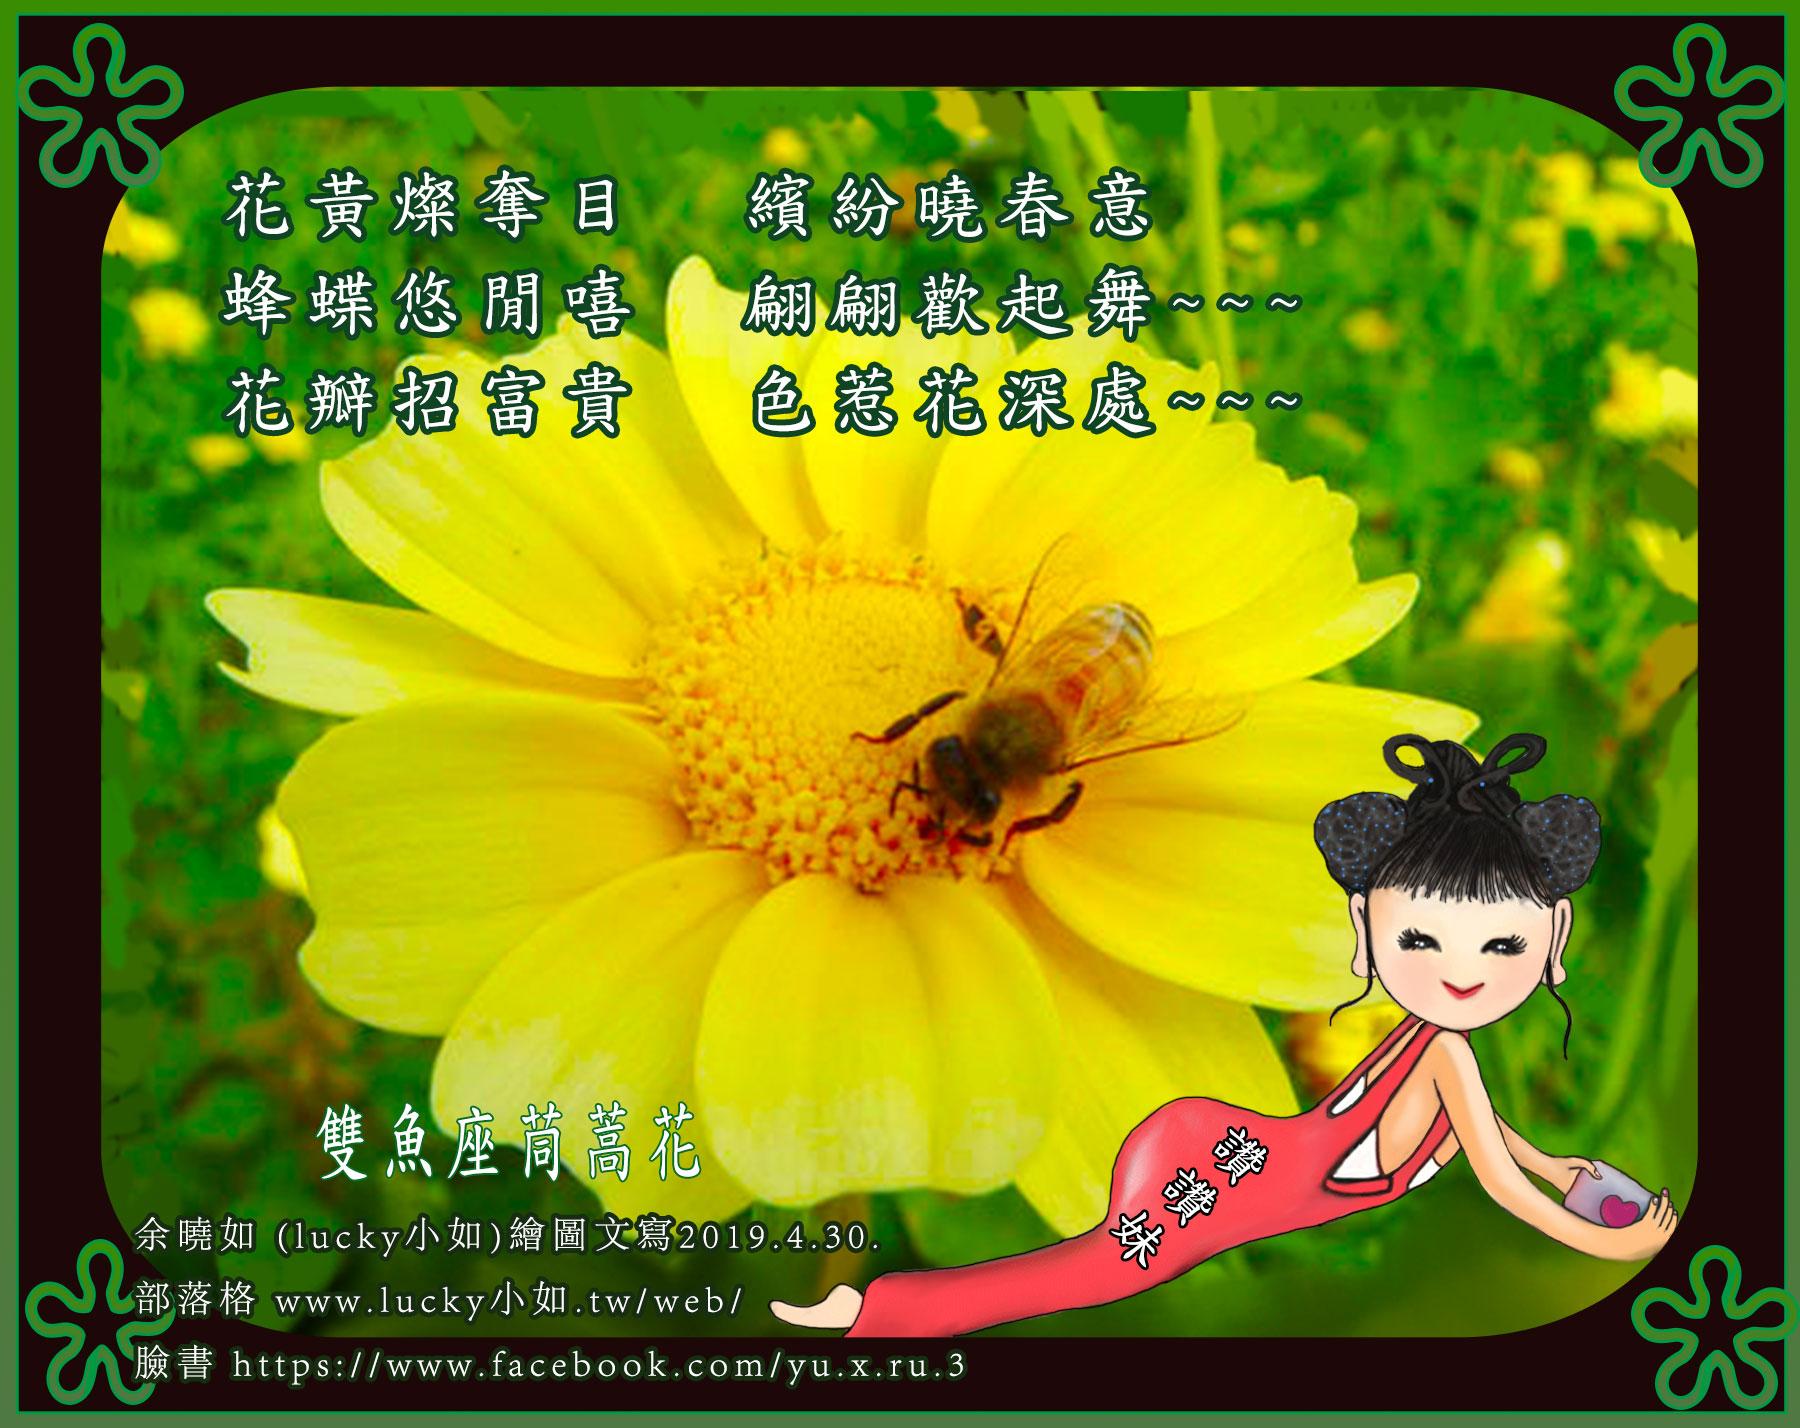 """漂亮吧! 我的""""星座花"""" ~ 看了挺順心的!來 ~ 聽 我 頌一詞 吧 !   花瓣招富貴 色惹花深處~~~"""